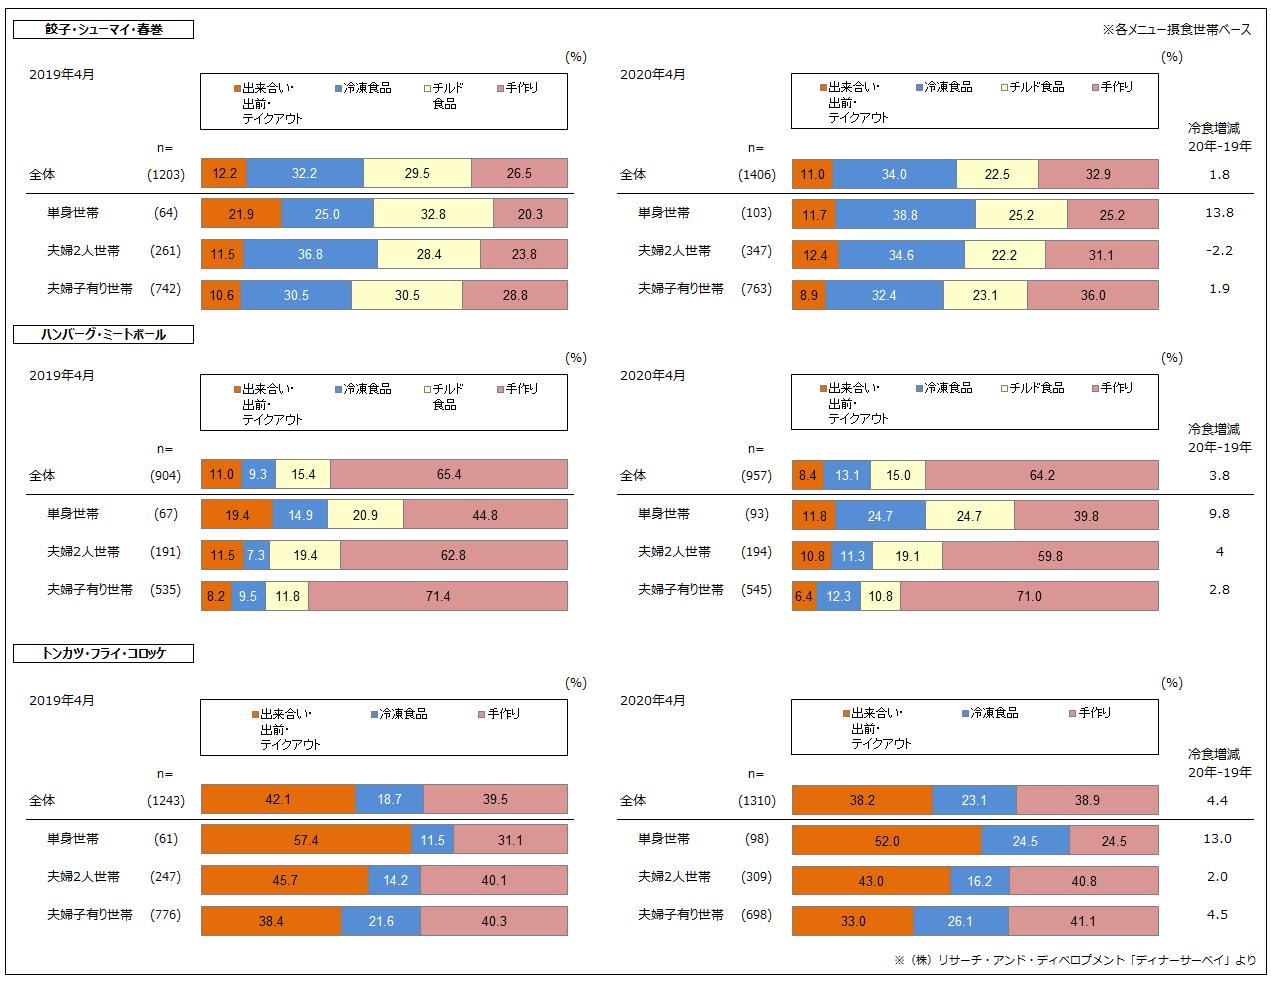 (図3)中食・加工食品の使用状況変化